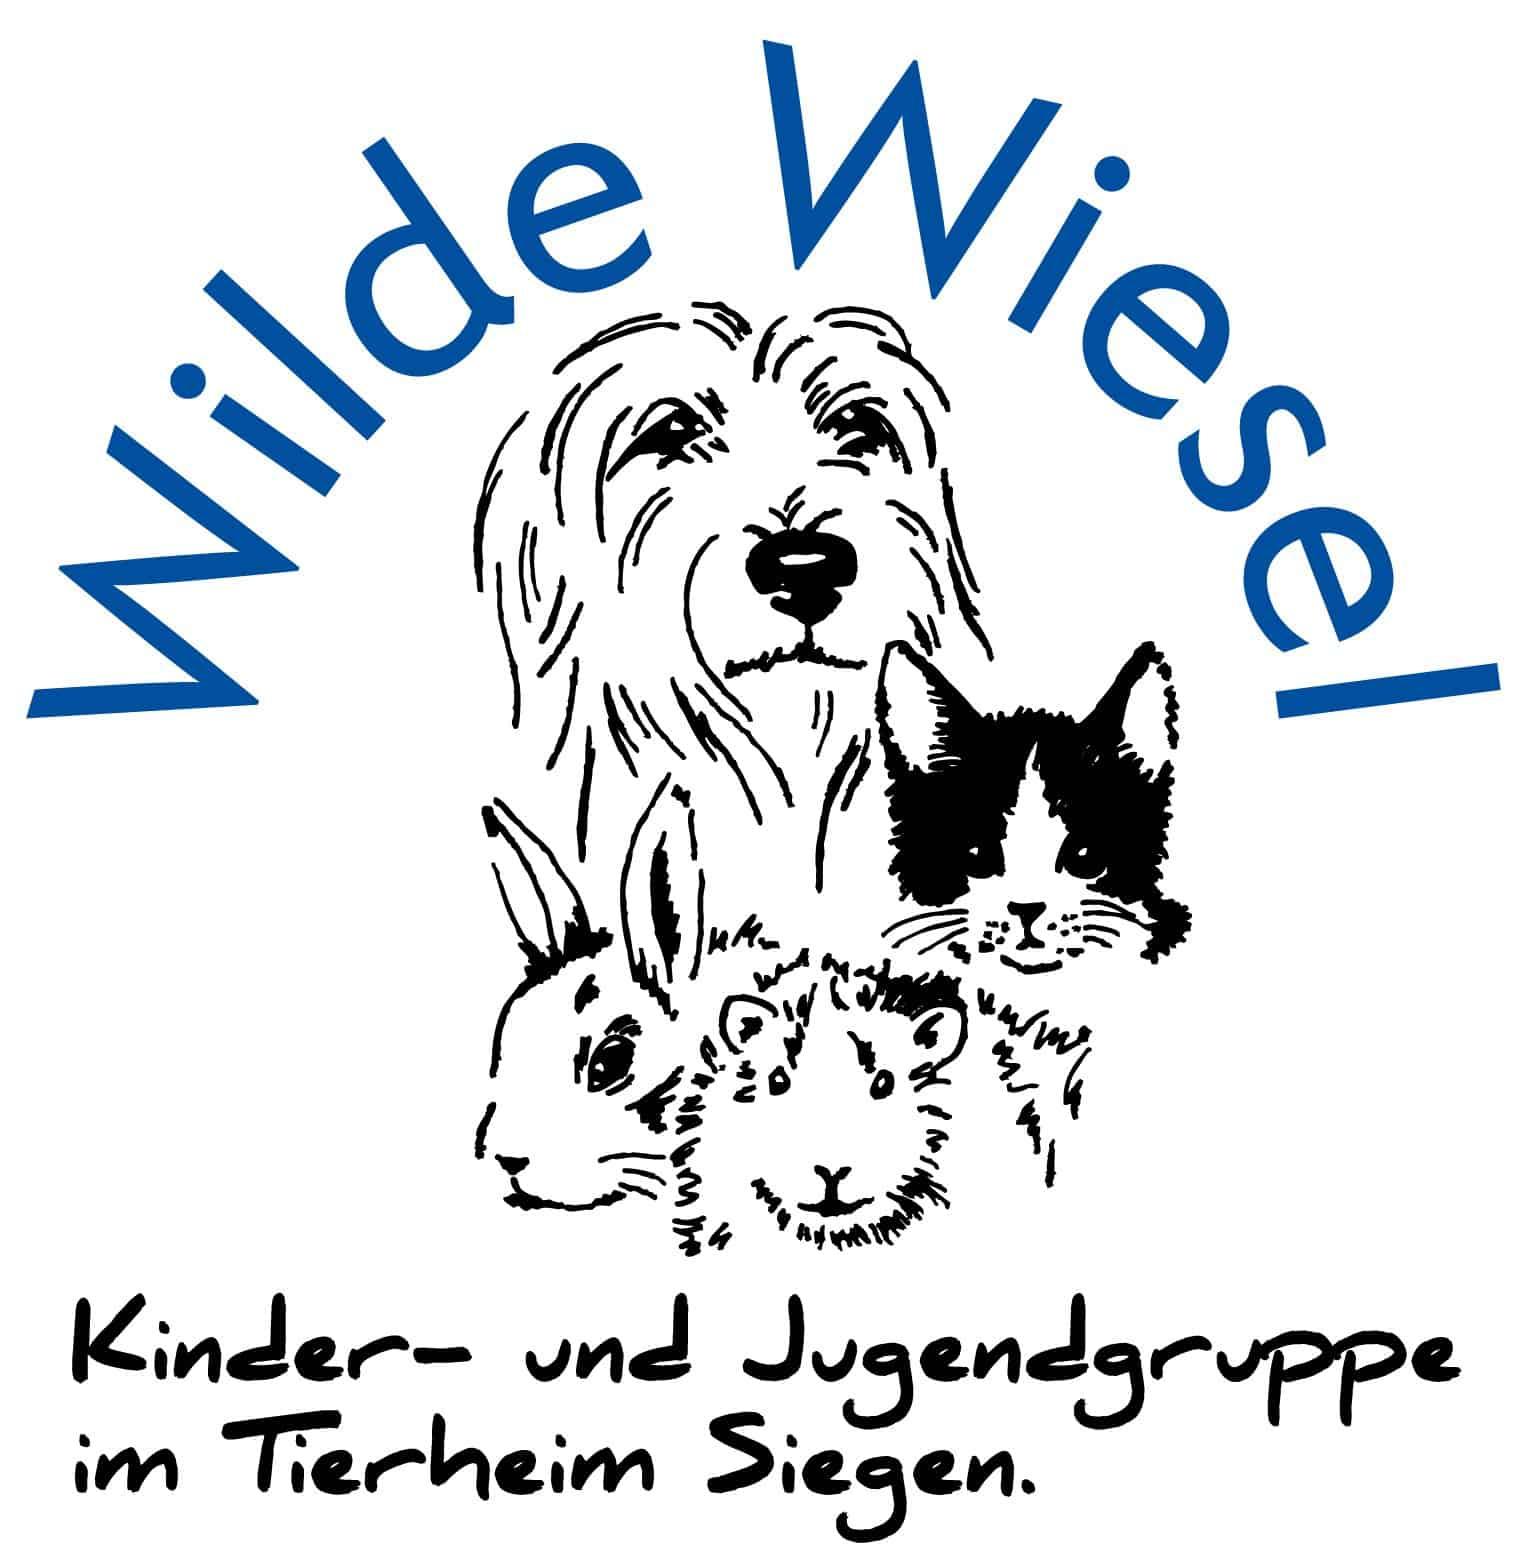 Terminänderung für die Jugendgruppe der Wiesel @ Tierheim Siegen | Siegen | Nordrhein-Westfalen | Deutschland